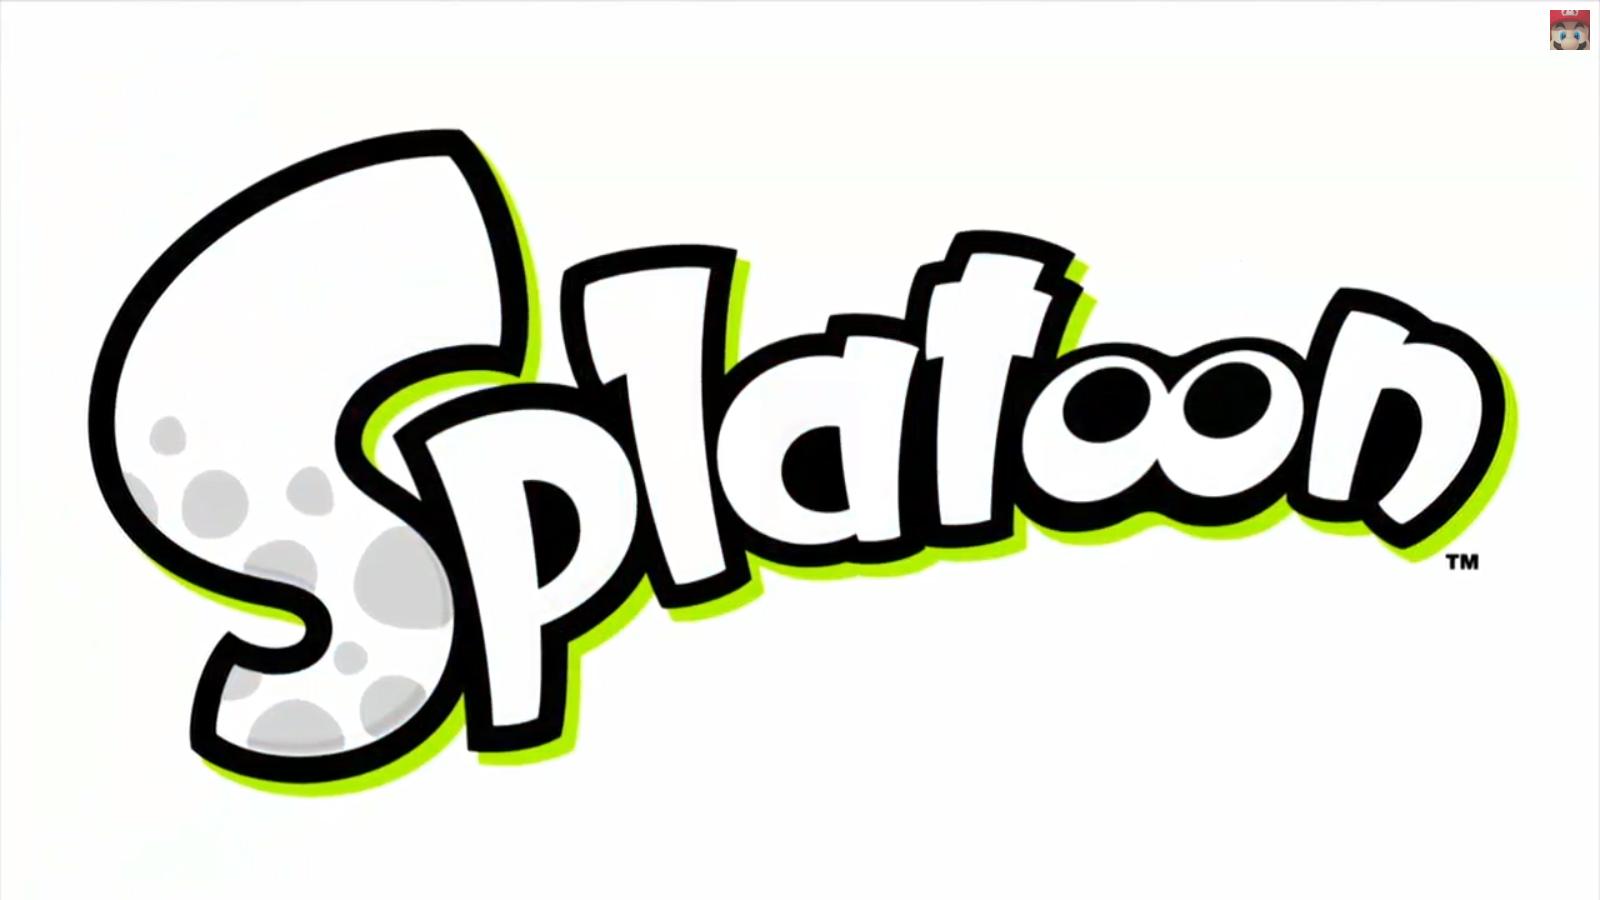 Splatoon Clipart.